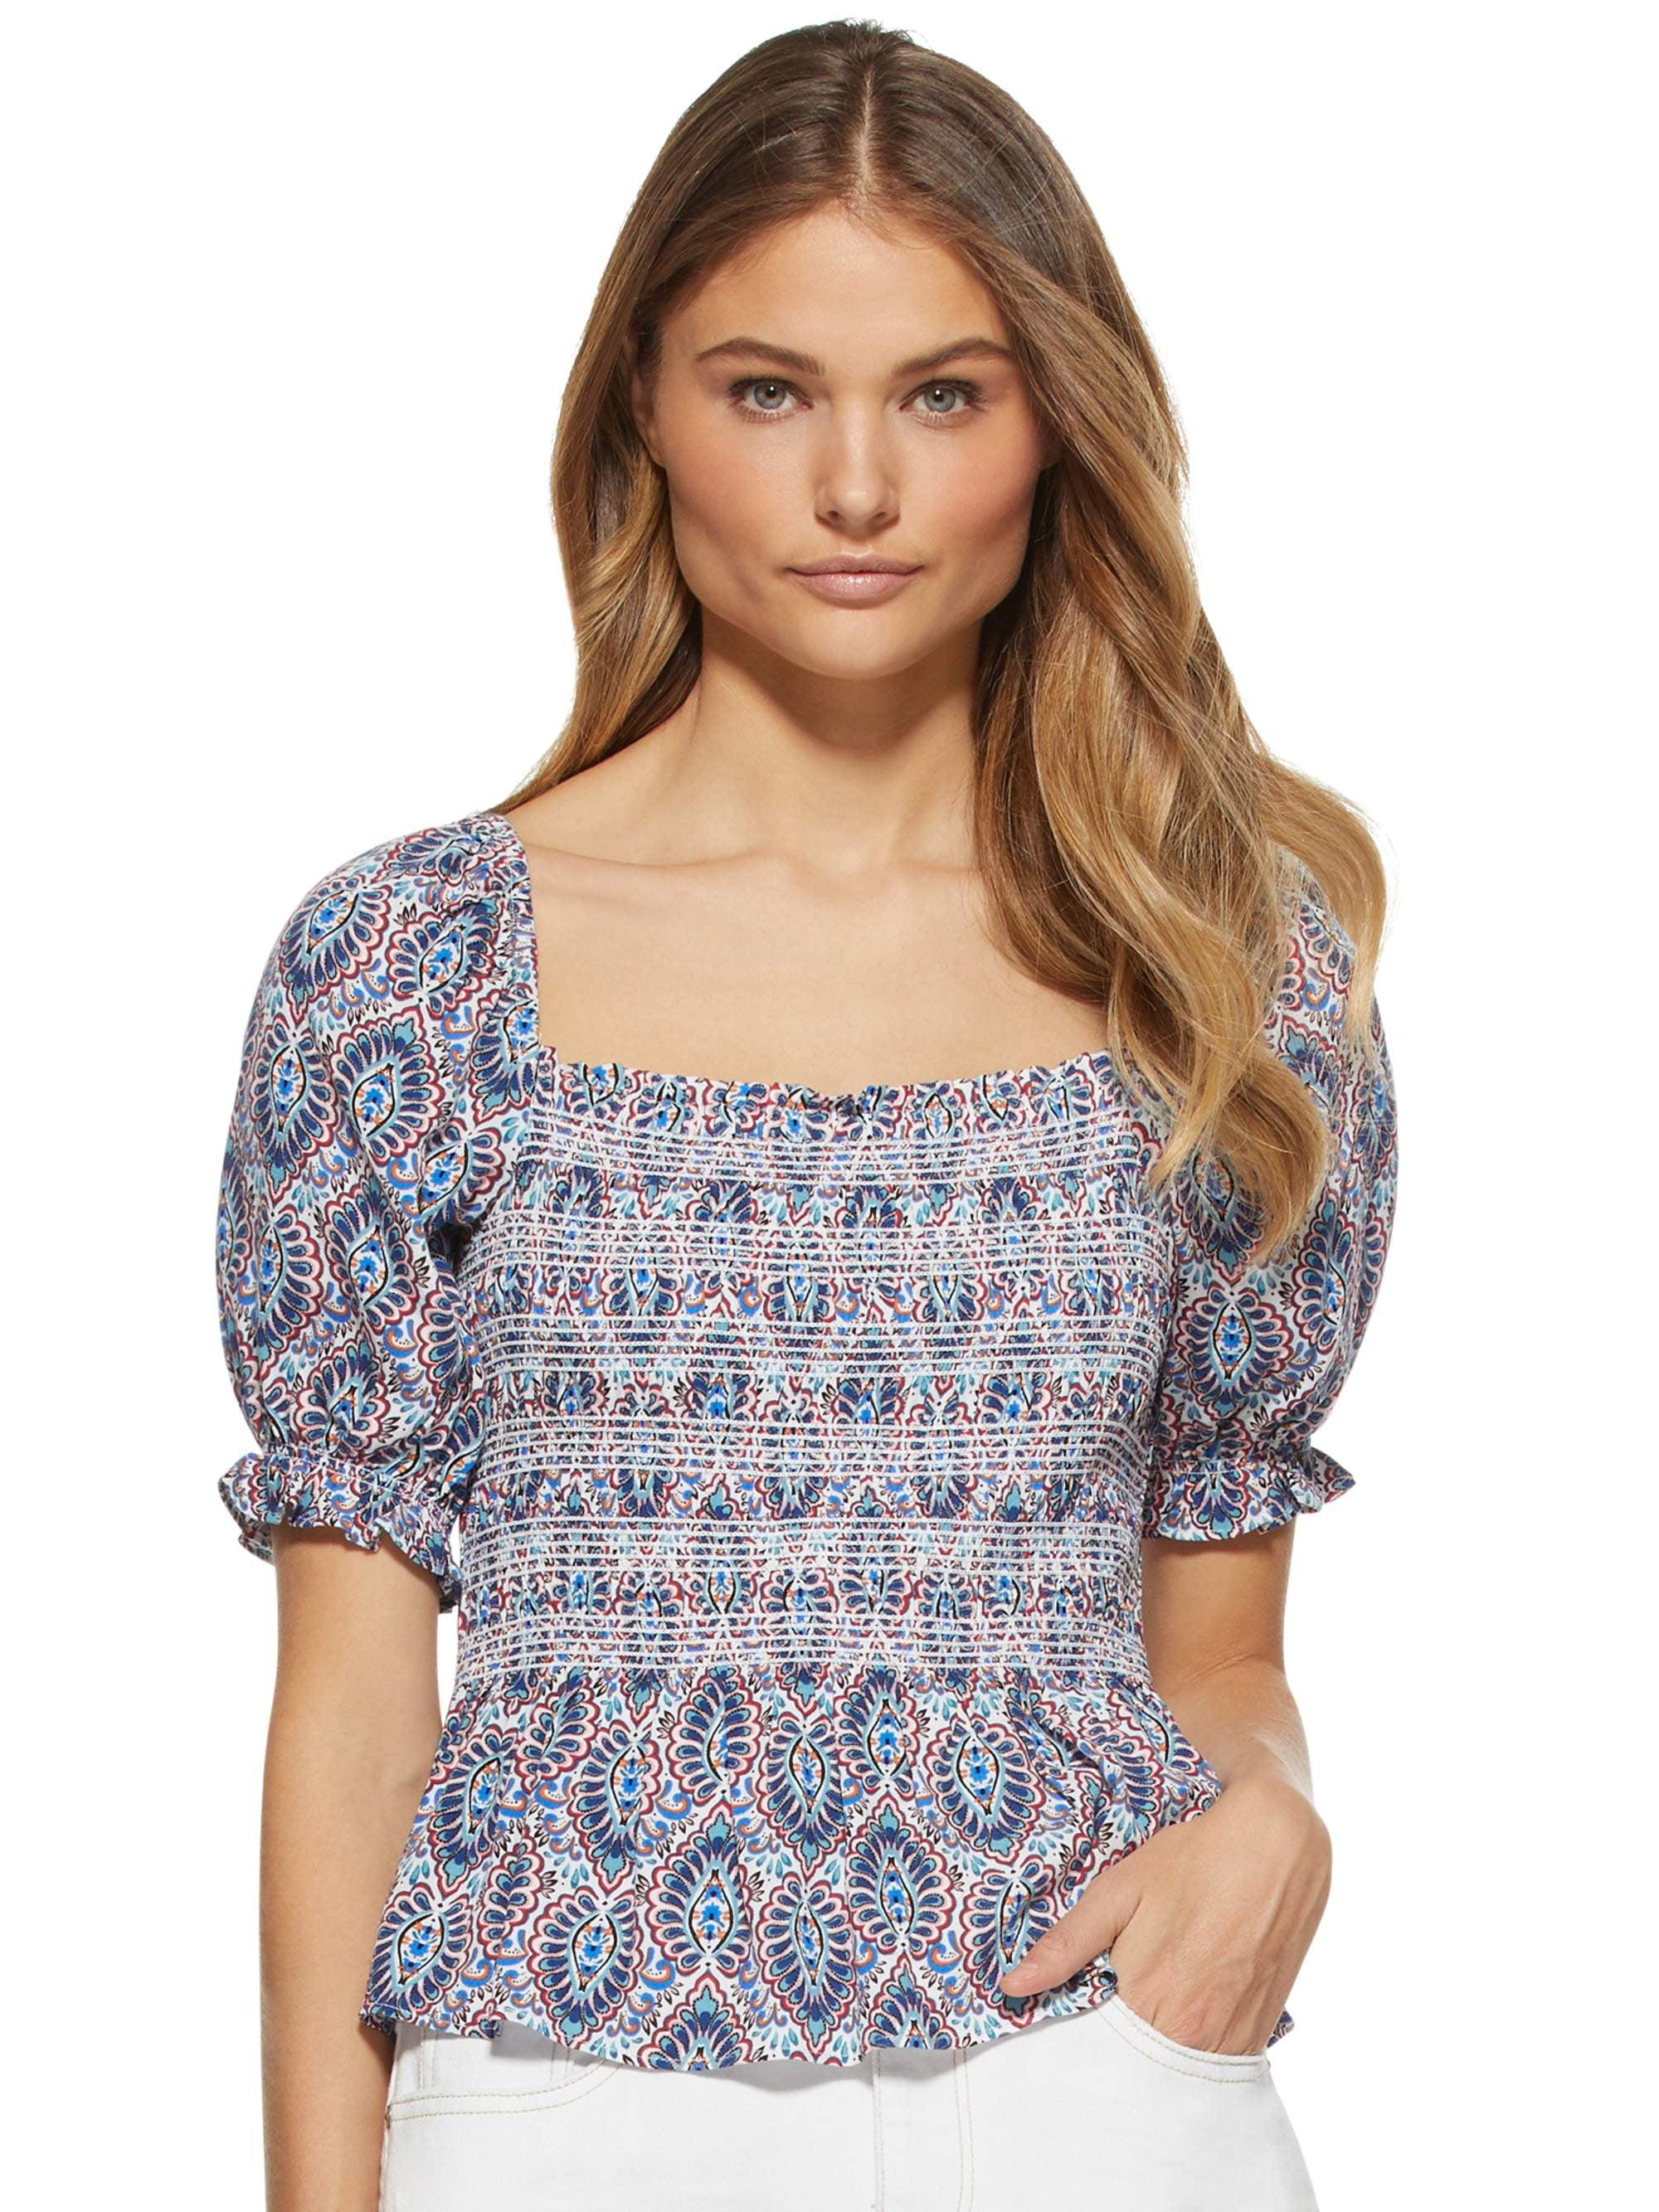 Scoop Women's Smocked Puff Sleeve Top